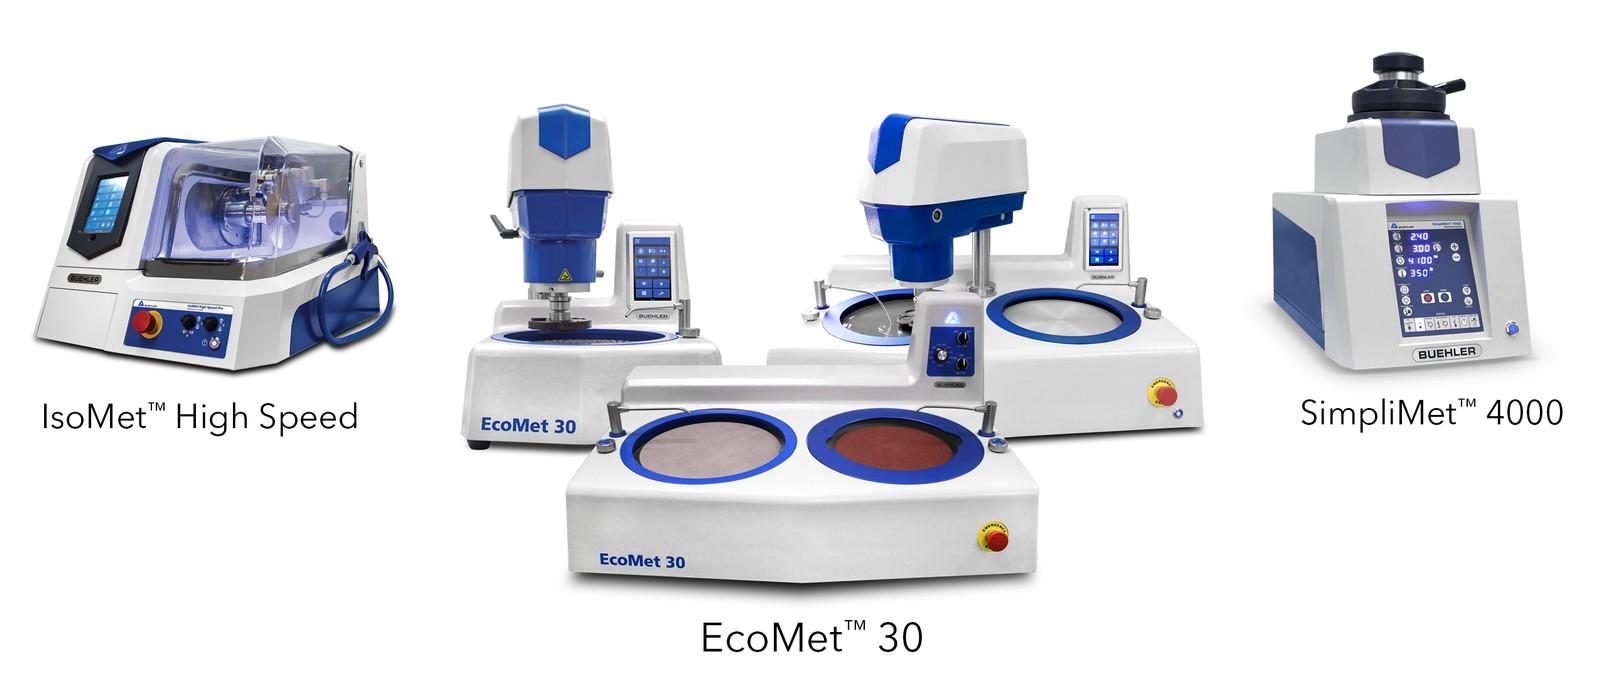 Iso Met High Speed Pro, Eco Met 30 und Simpli Met 4000 sind nur wenige Highlights des umfassenden Produktportfolios für die Probenpräparation und Härteprüfung.